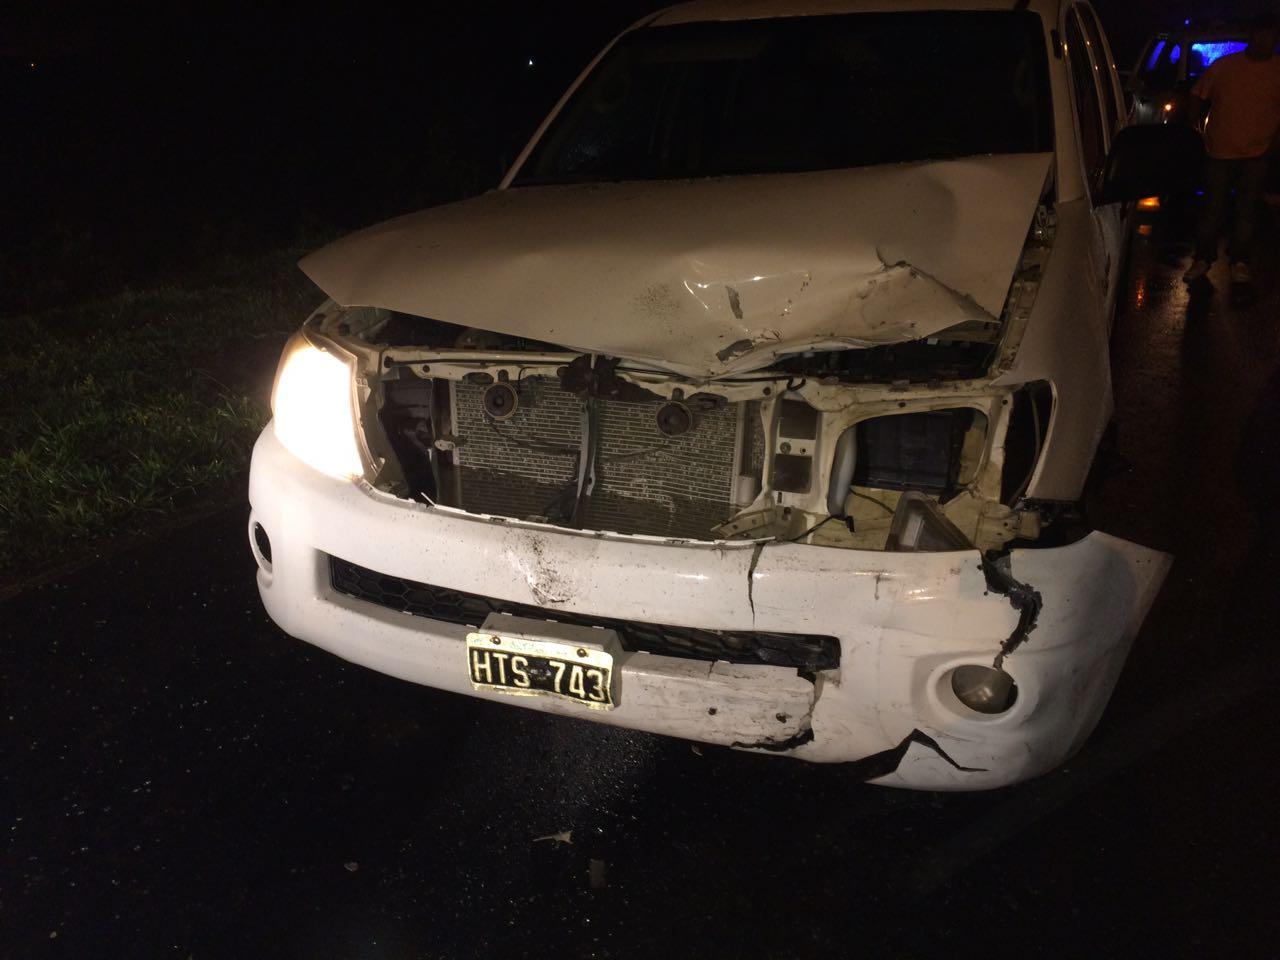 Este lunes, pasadas las 20, se produjo un impactante siniestro vial en la 66 a la altura de la 30,  600 metros hacia la ciudad de La Plata, que dejó como saldo un hombre muerto y tres heridos.